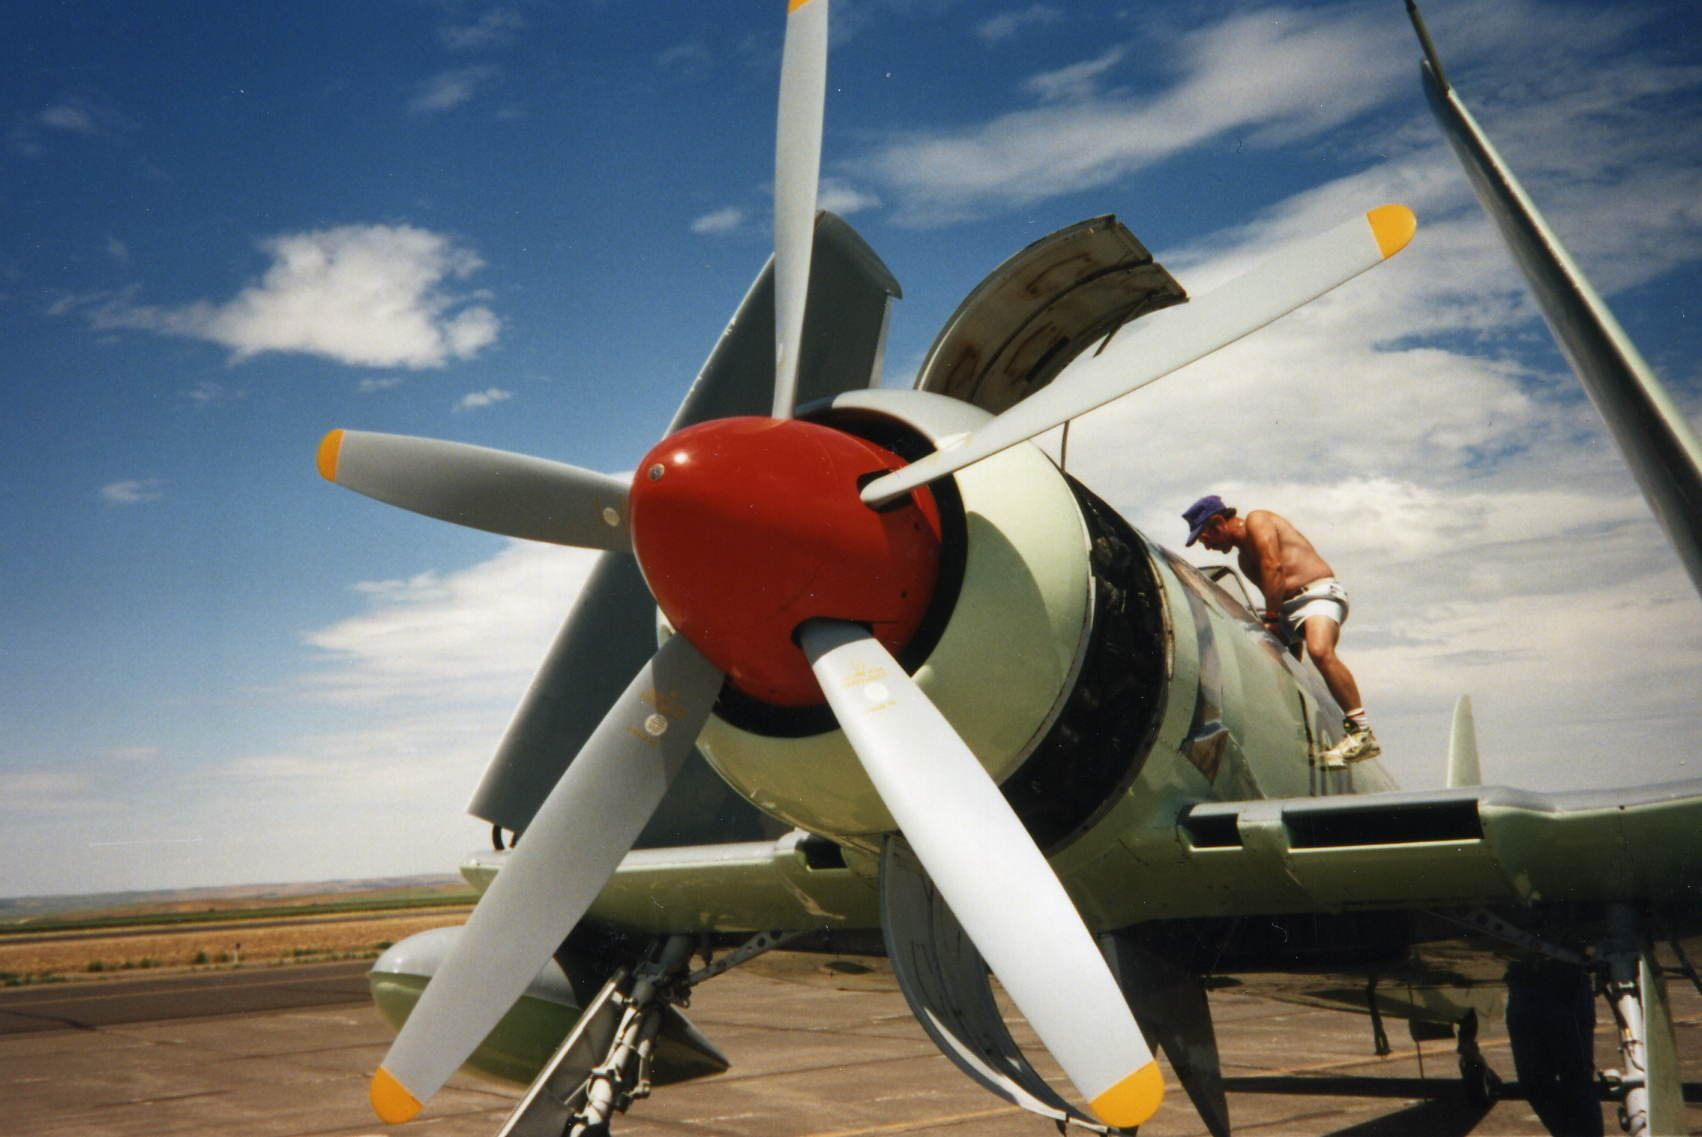 Hawker_Sea_Fury_by_DanaC.jpg (1702×1137)